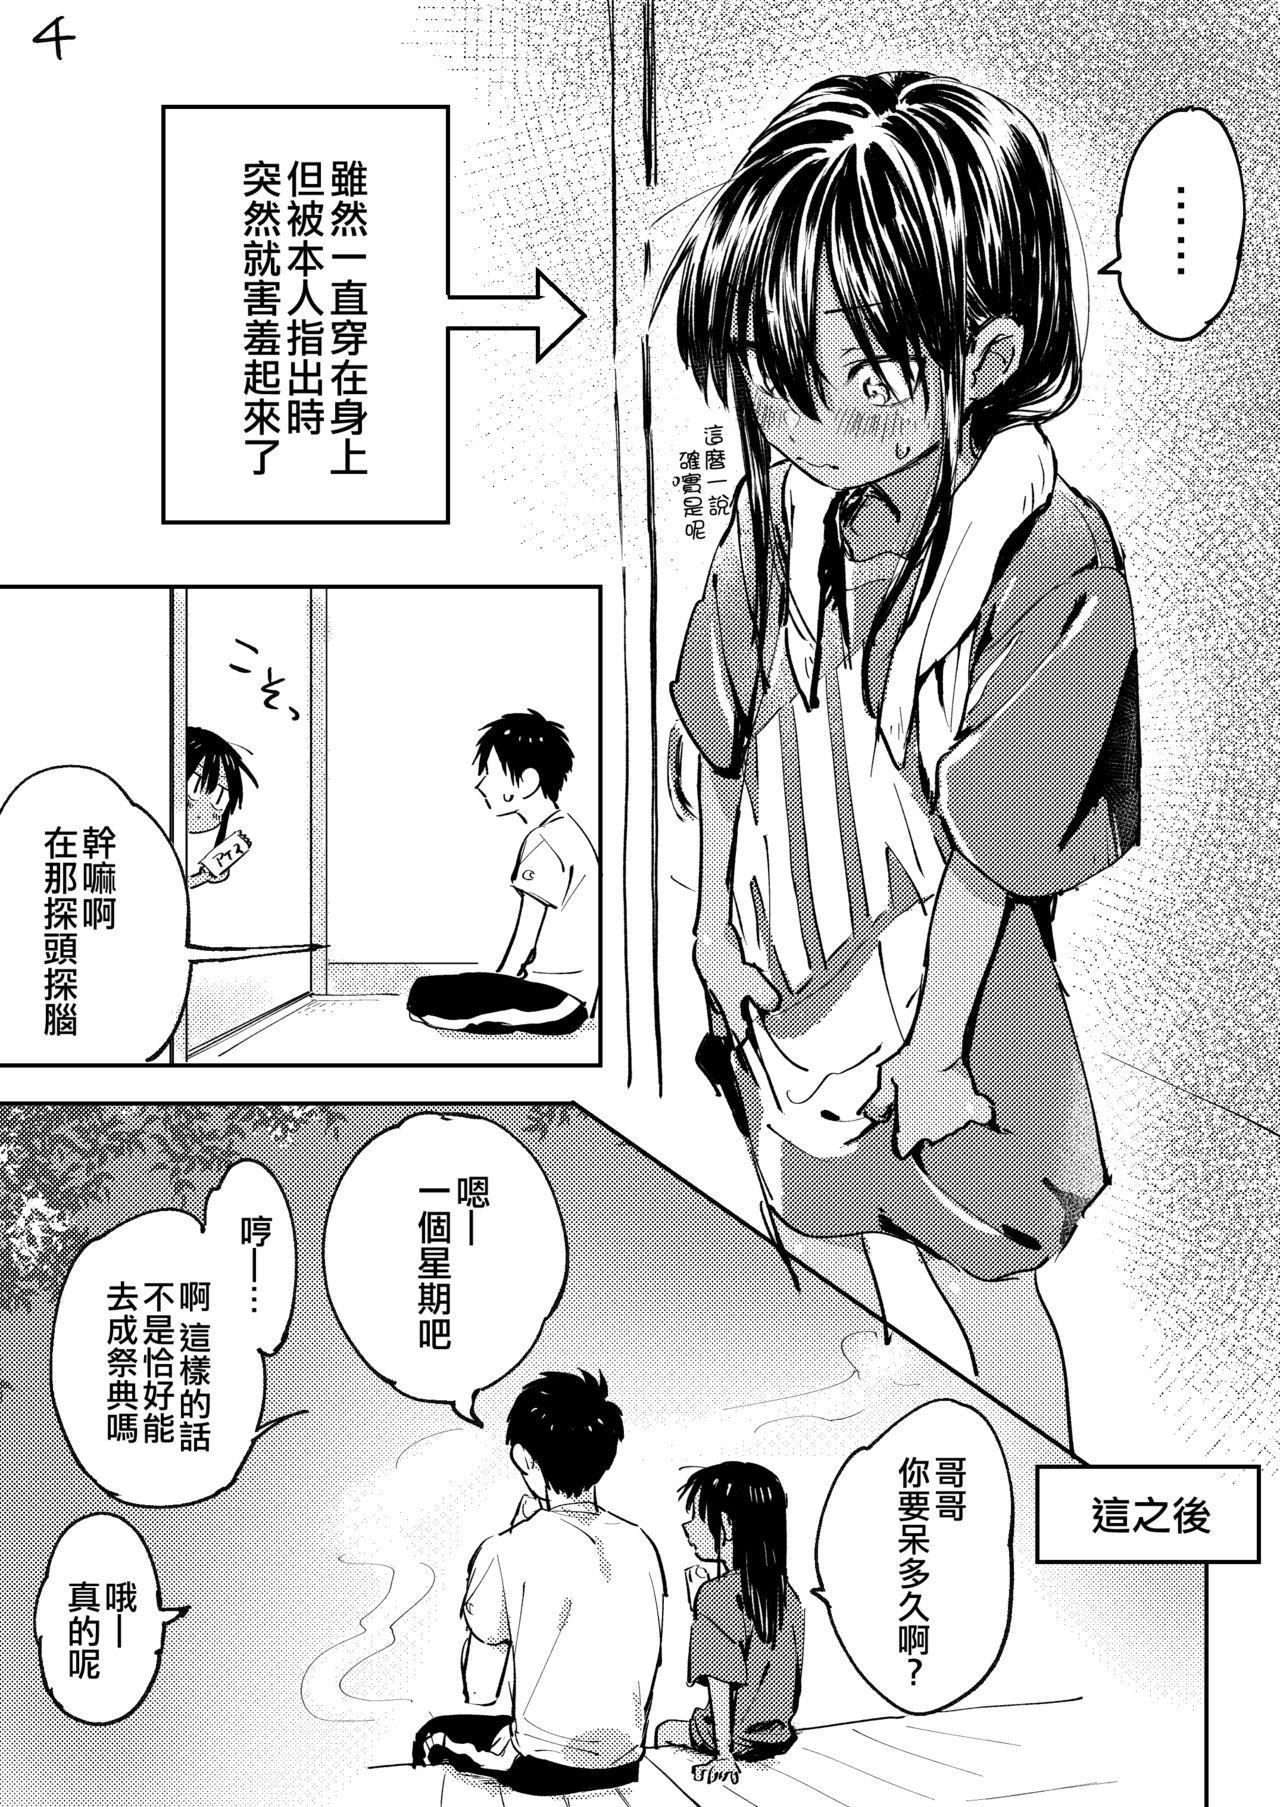 Inaka ni Kaeru to Yakeni Jiben ni Natsuita Kasshoku Ponytail Shota ga Iru 11